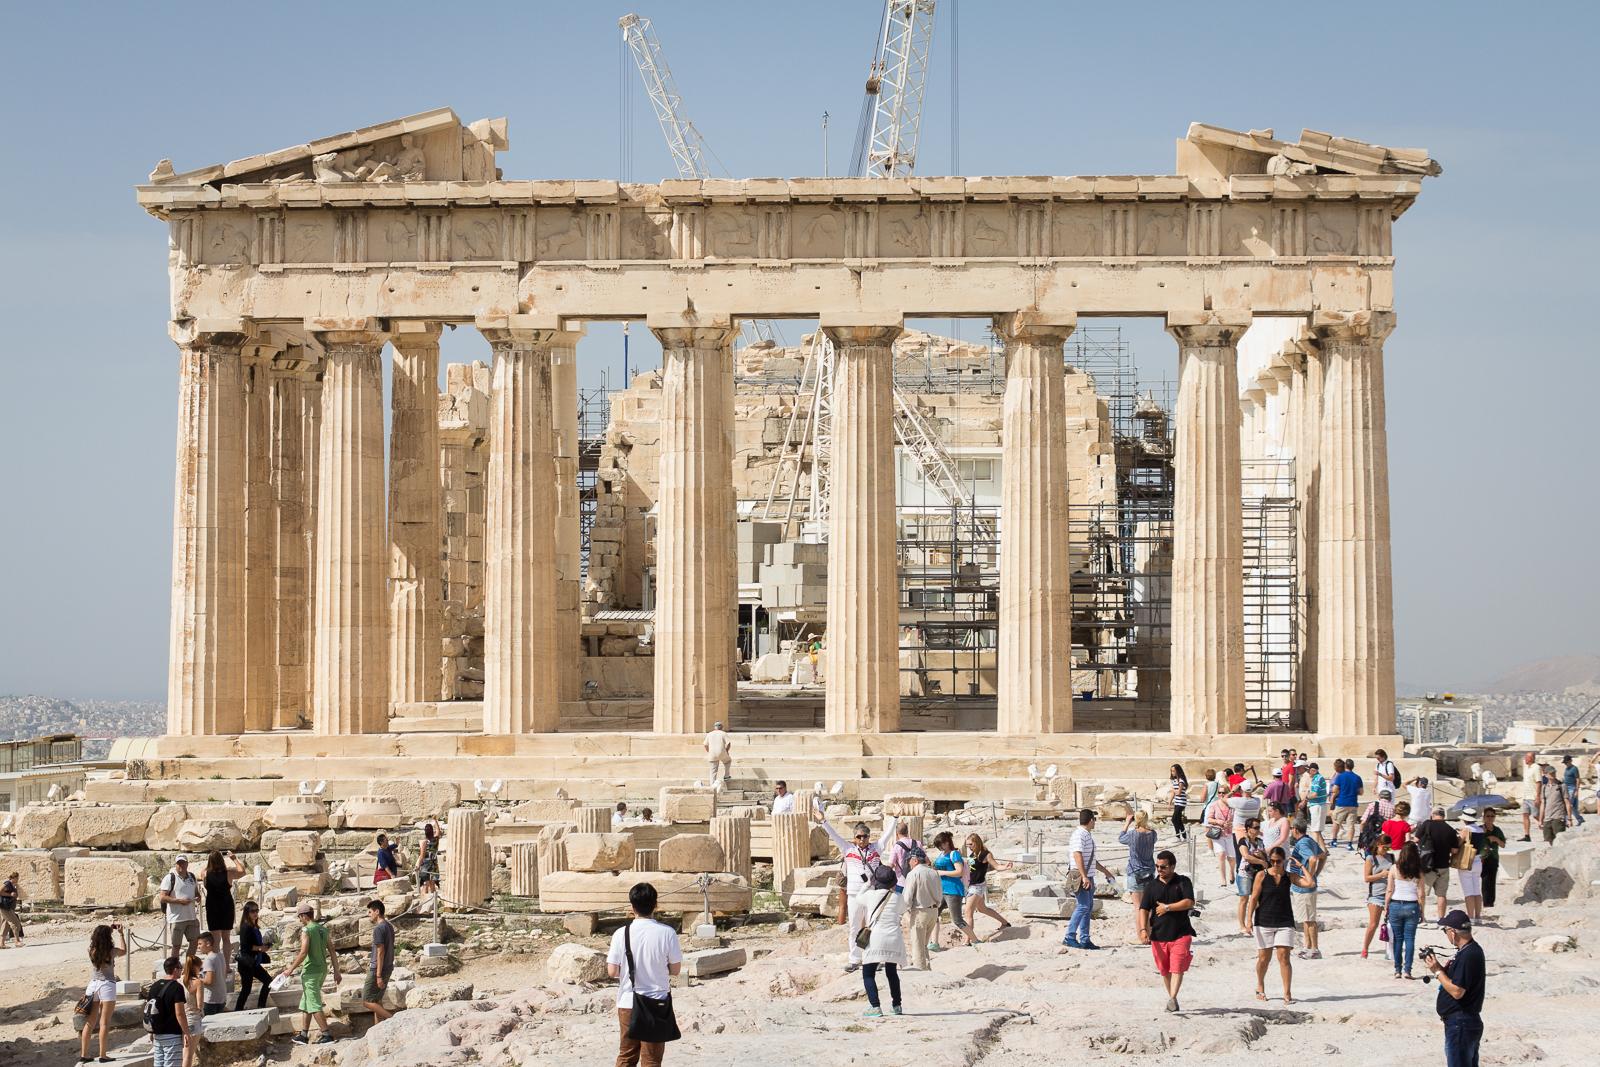 Parthenon, Acropolis, Athens - Greece